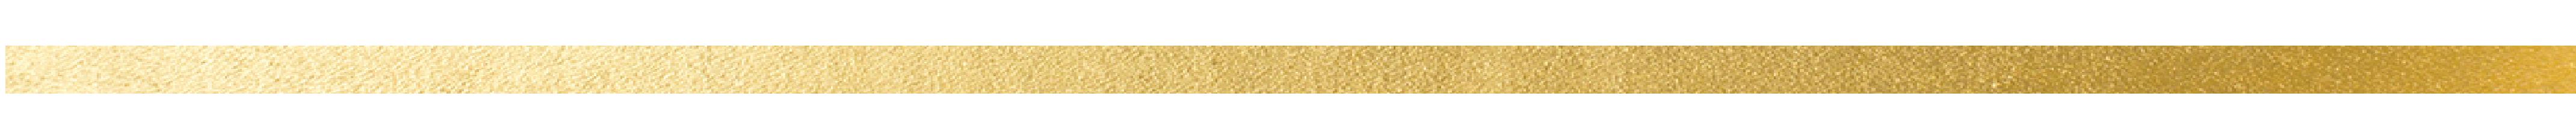 gold divider 1